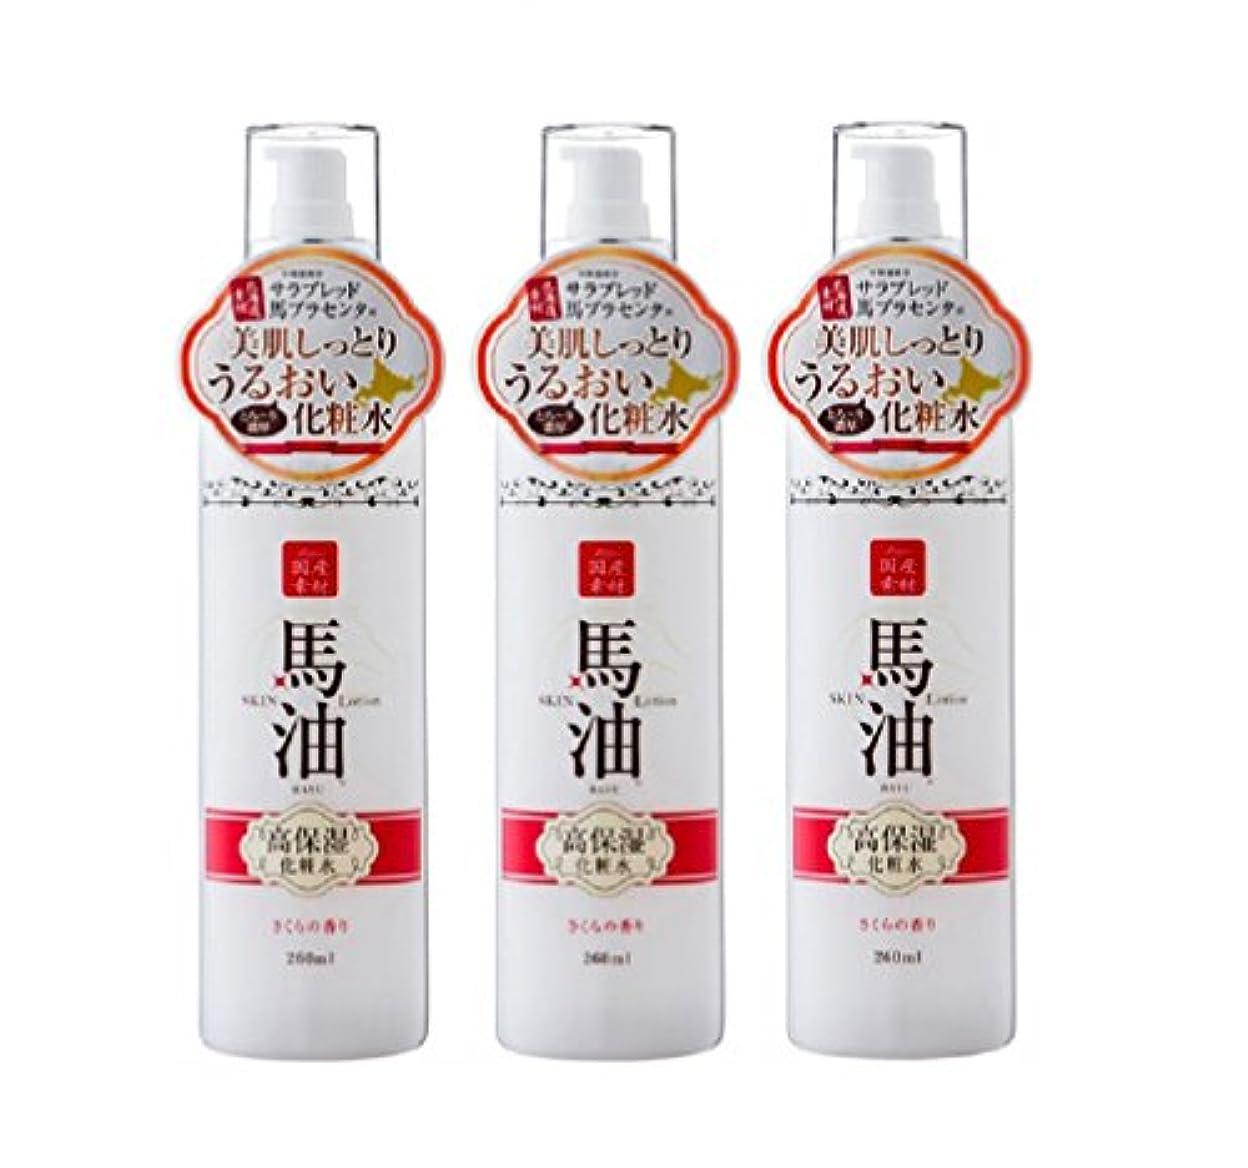 被る開発するブレークリシャン 馬油化粧水 さくらの香り 260ml×3本セット